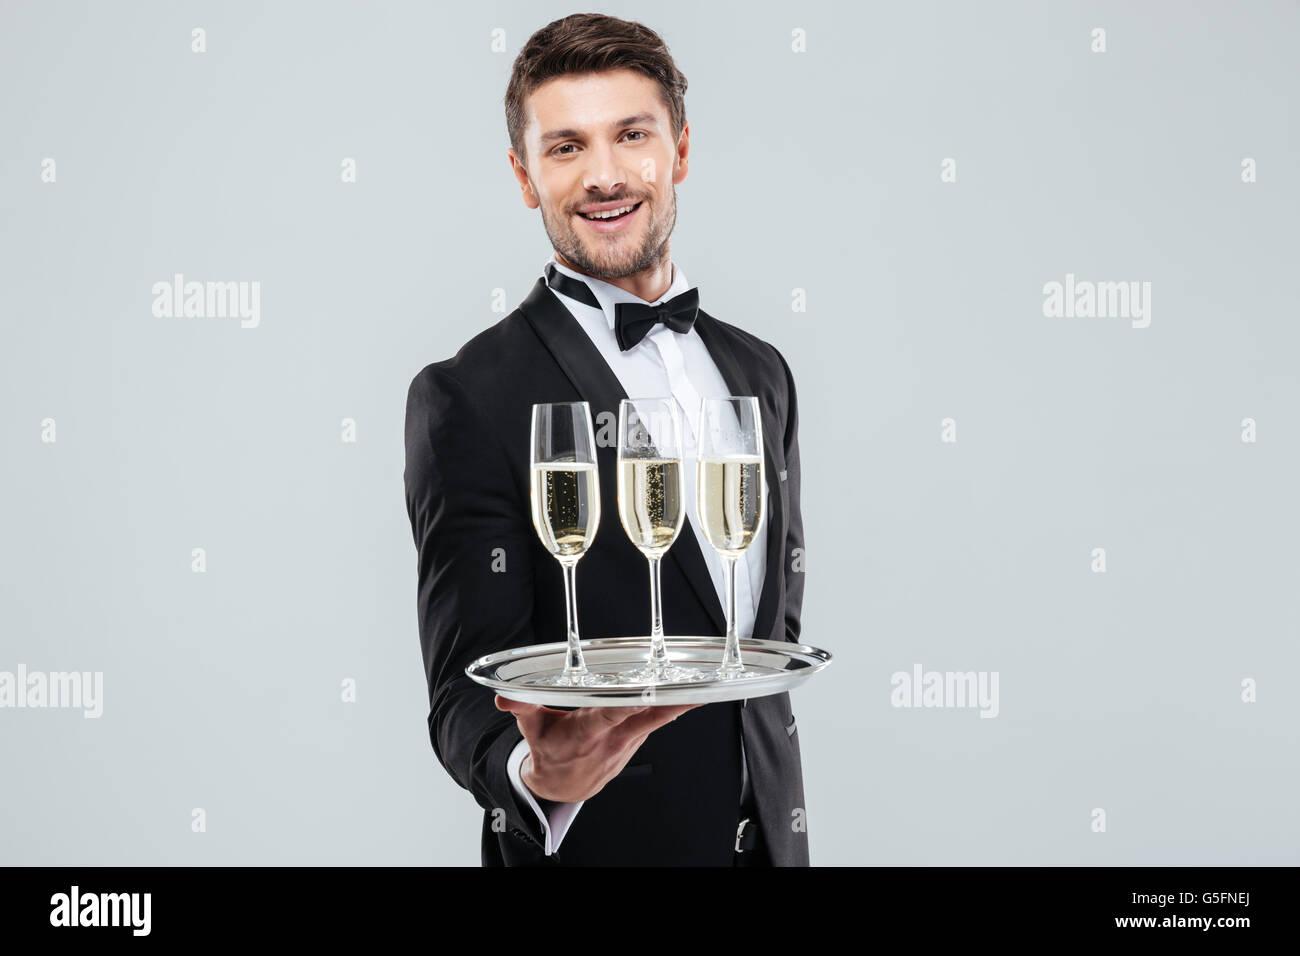 Allegro giovane maggiordomo in smoking sorridente e offrendo champagne Immagini Stock